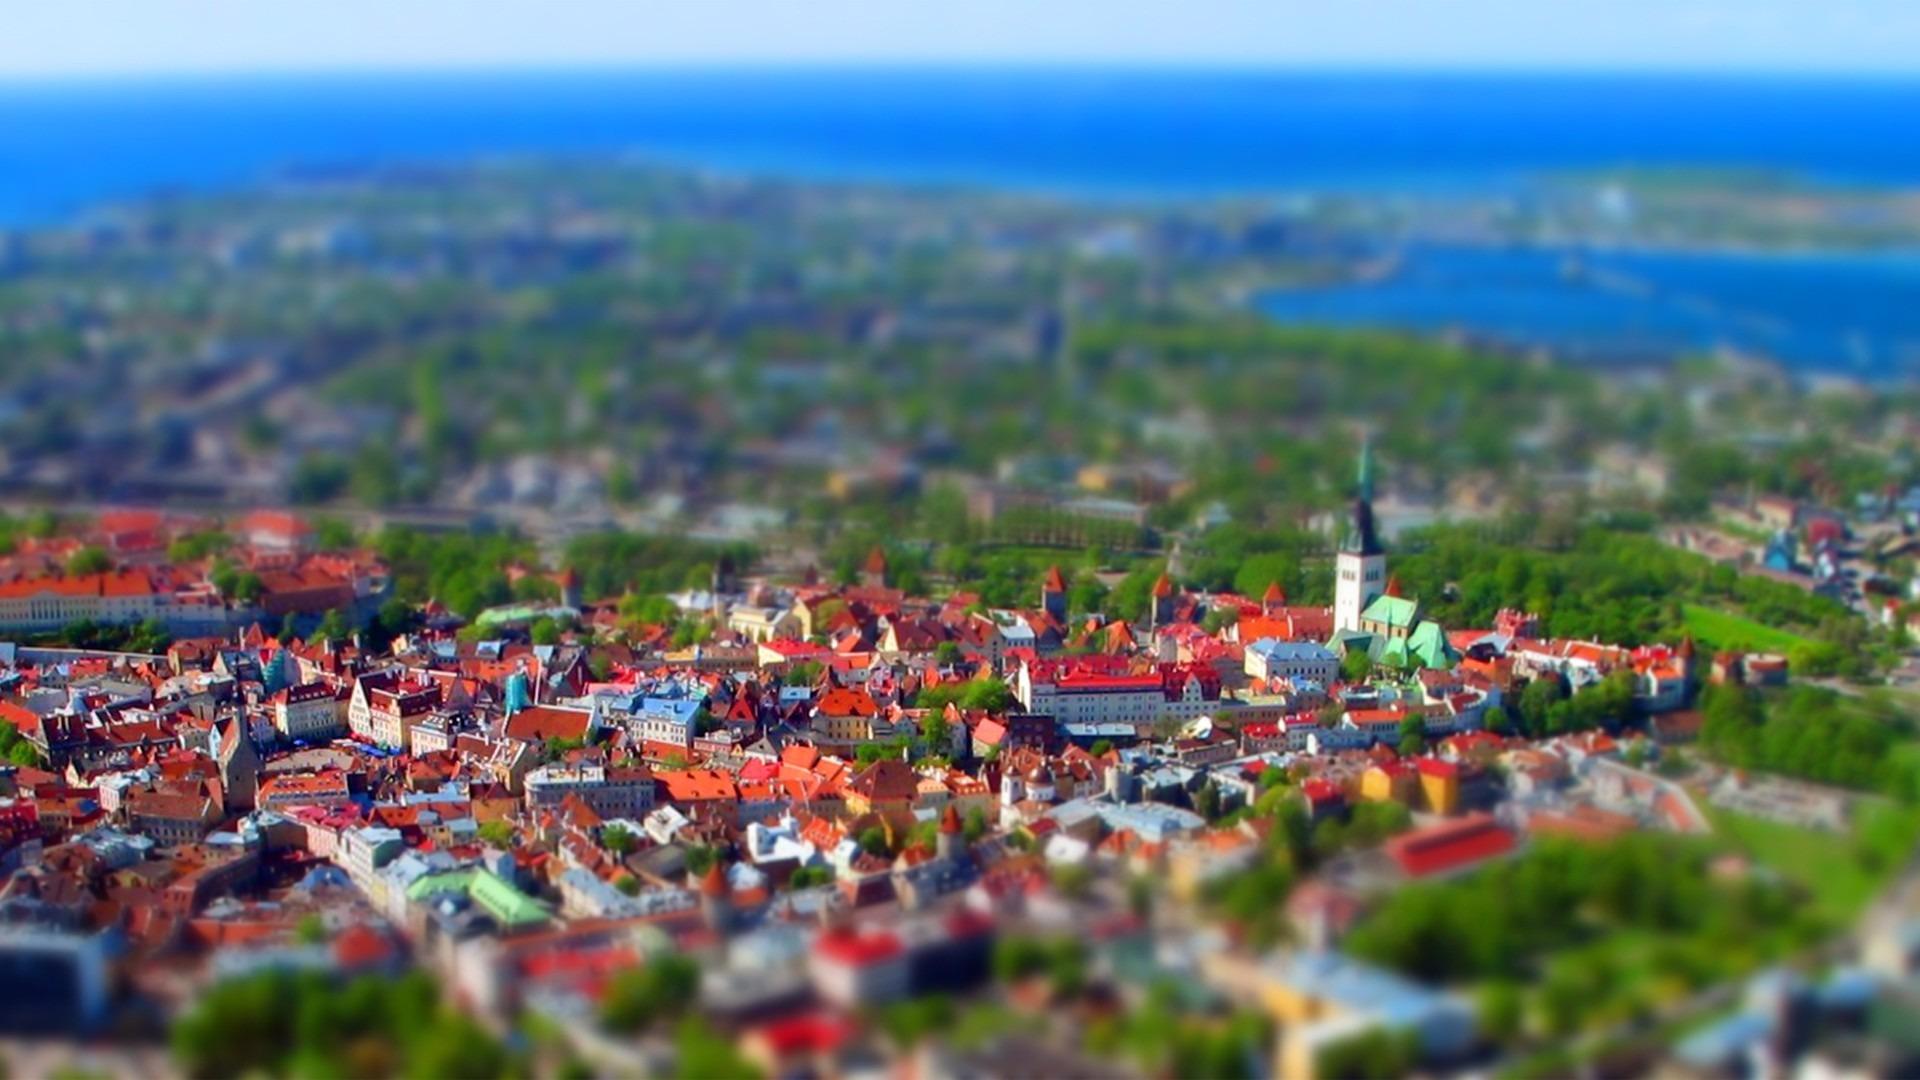 Estonia_Tallinn_Old_Town_Wallpaper_1920x1080